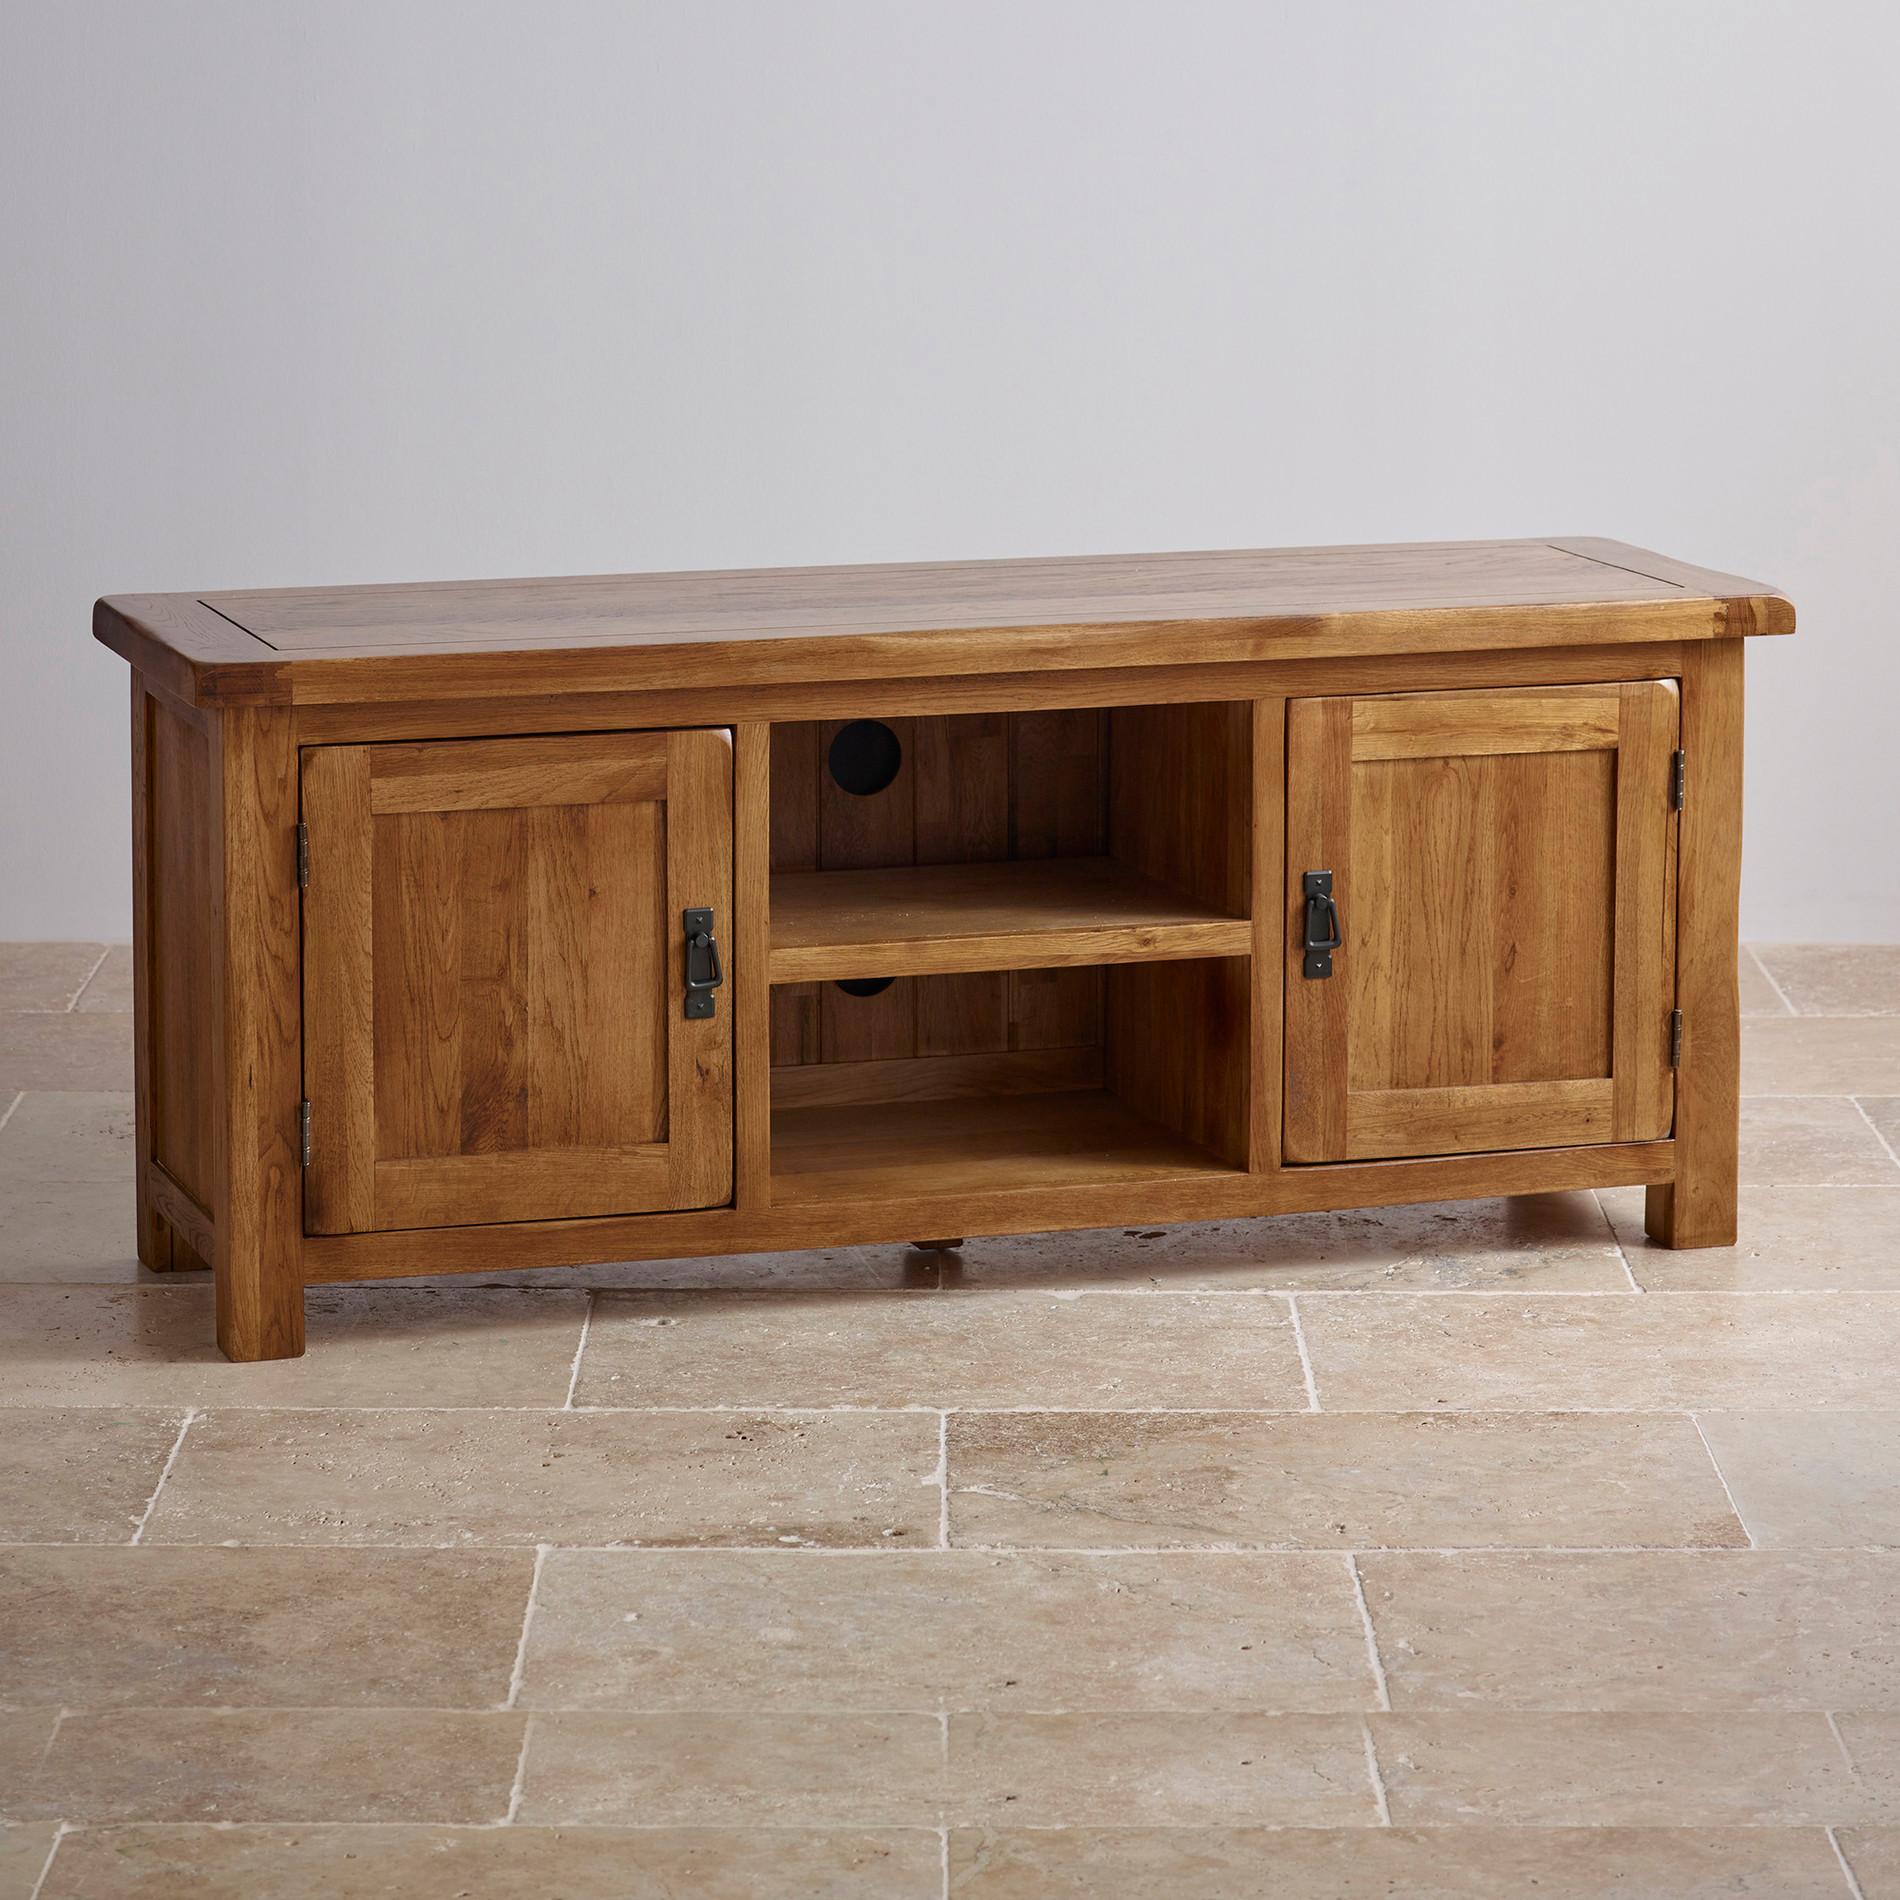 solid oak furniture original rustic wide tv cabinet in solid oak | oak furniture land RWHFEIZ